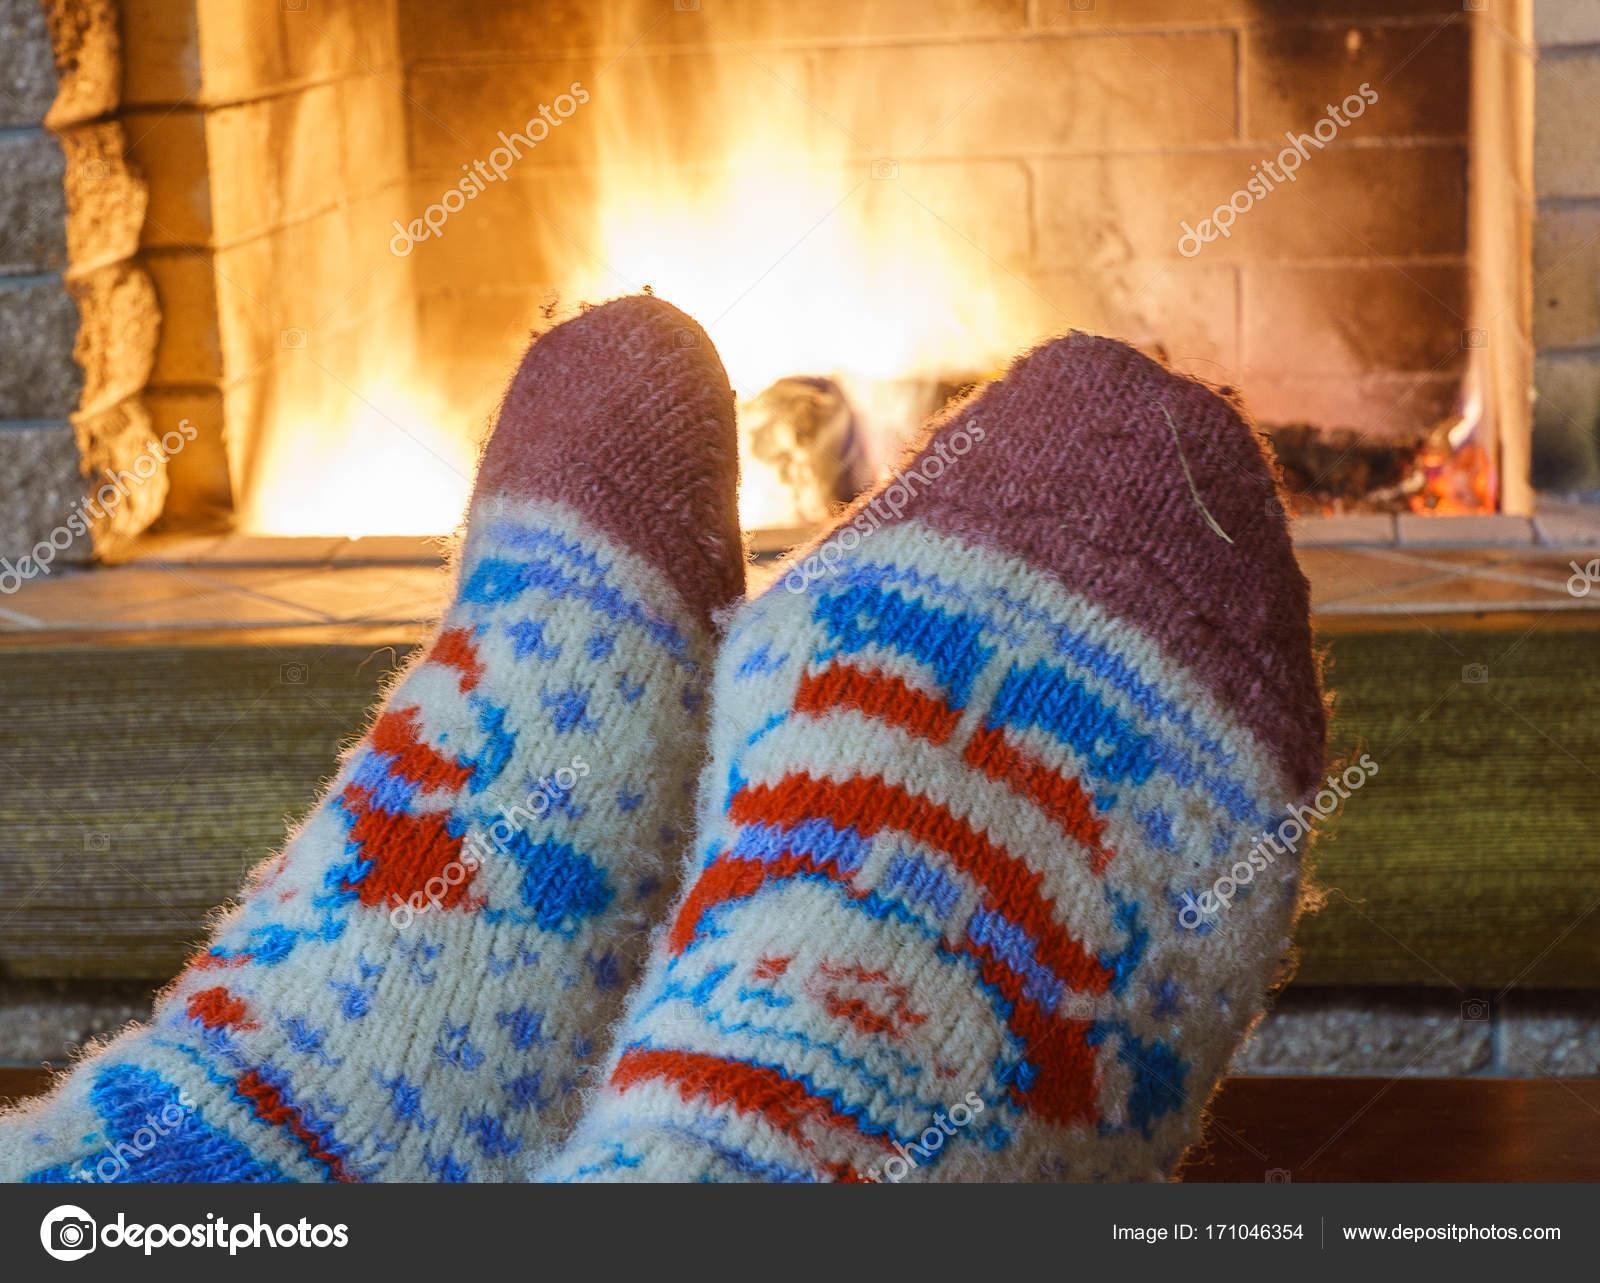 7974c51bc79 Pieds de l homme en chaussettes   devant la cheminée dans la maison ...